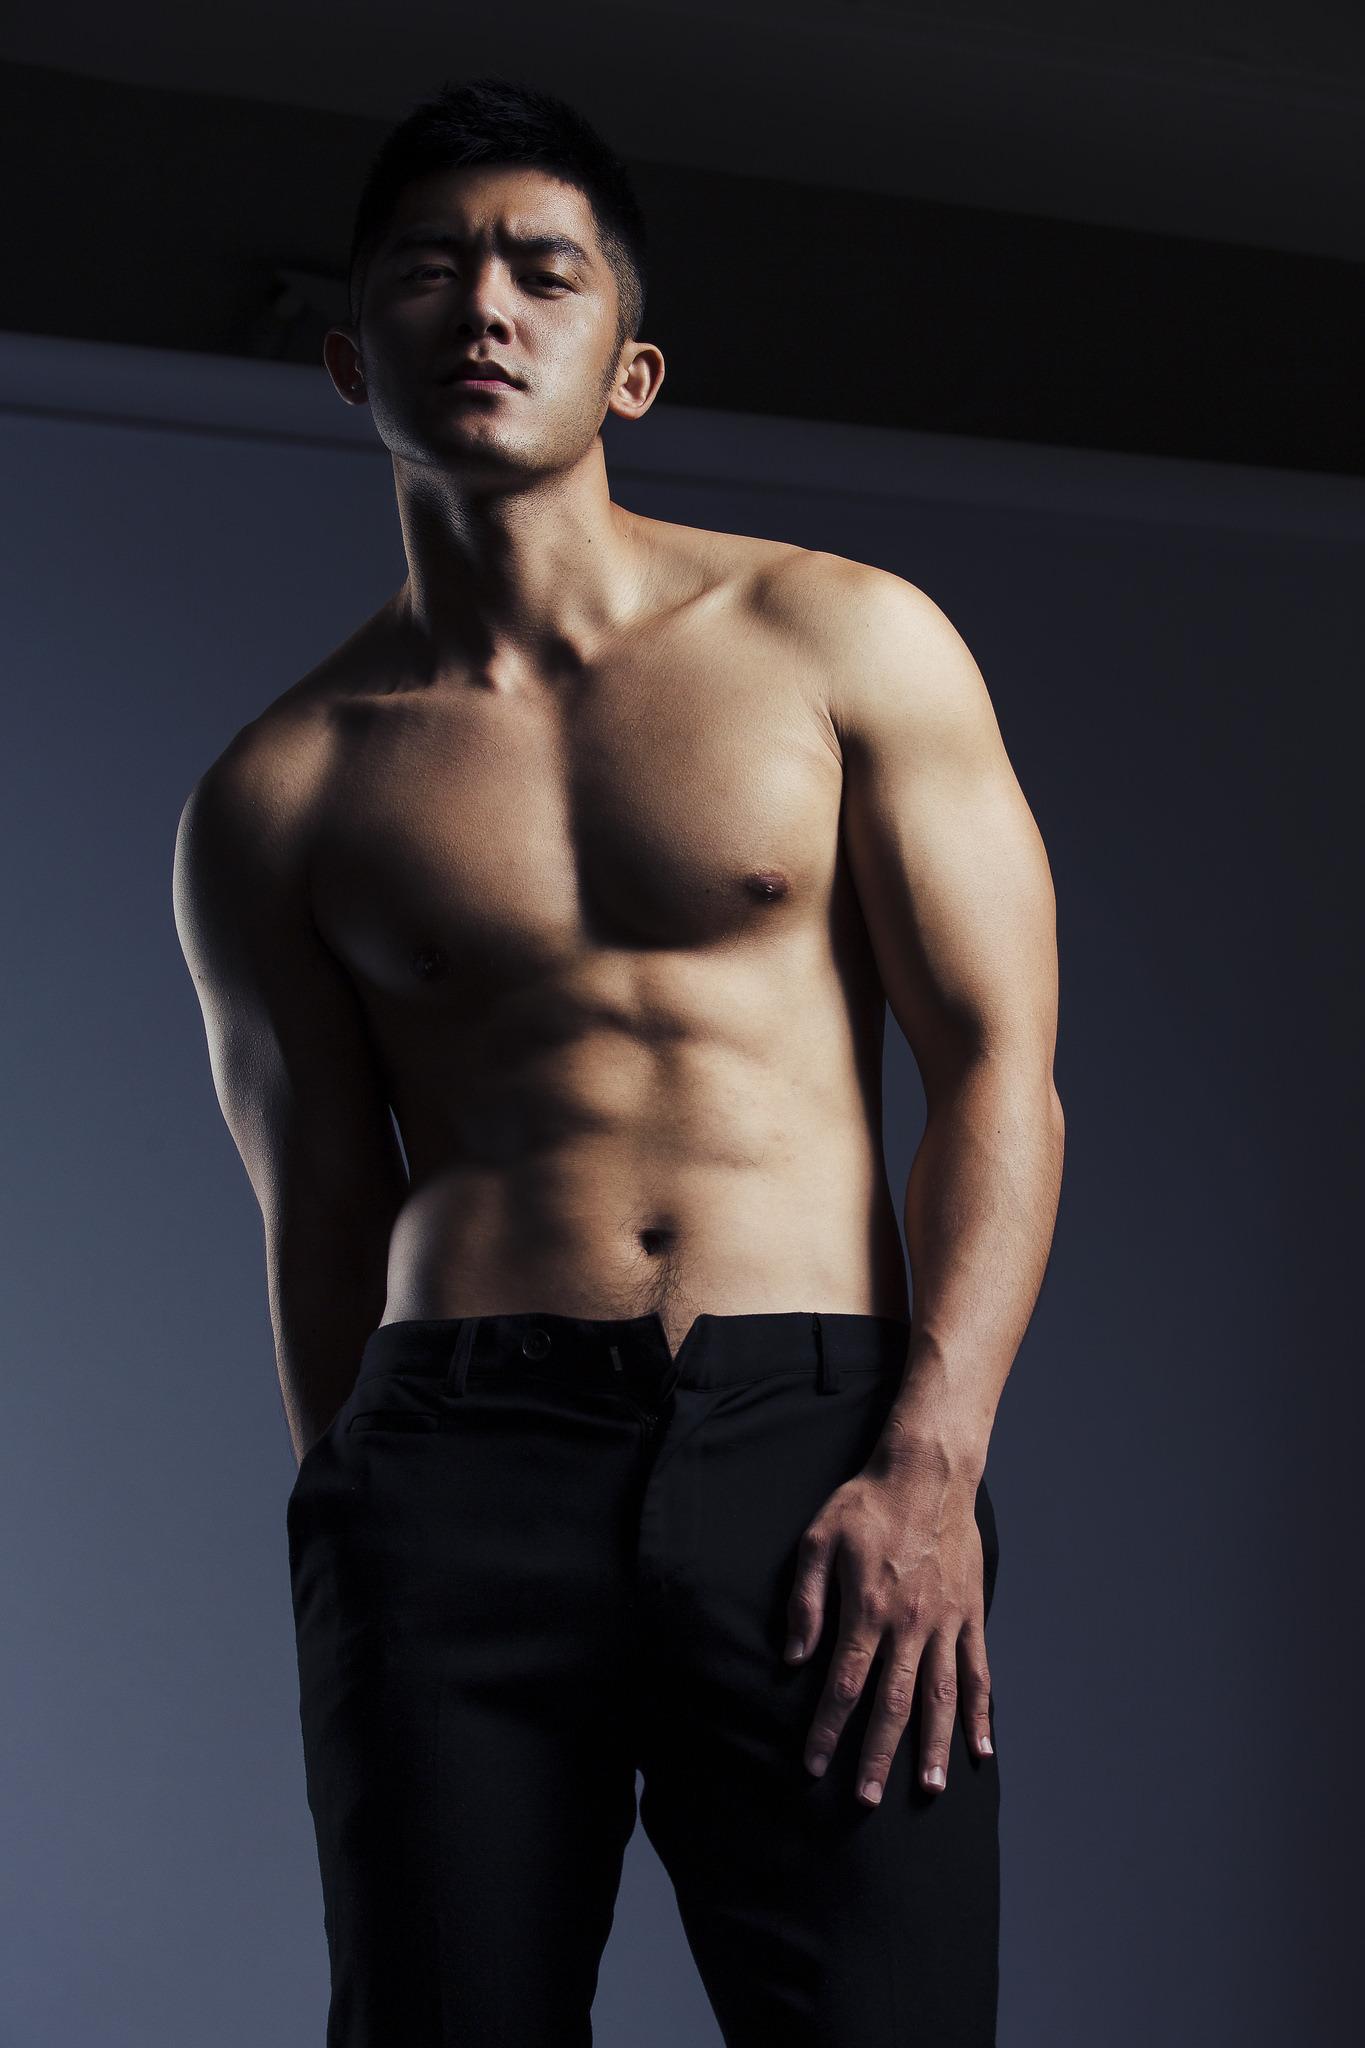 2018081115314360 - 台湾男模张晏廷 Adam Lin 摄影写真